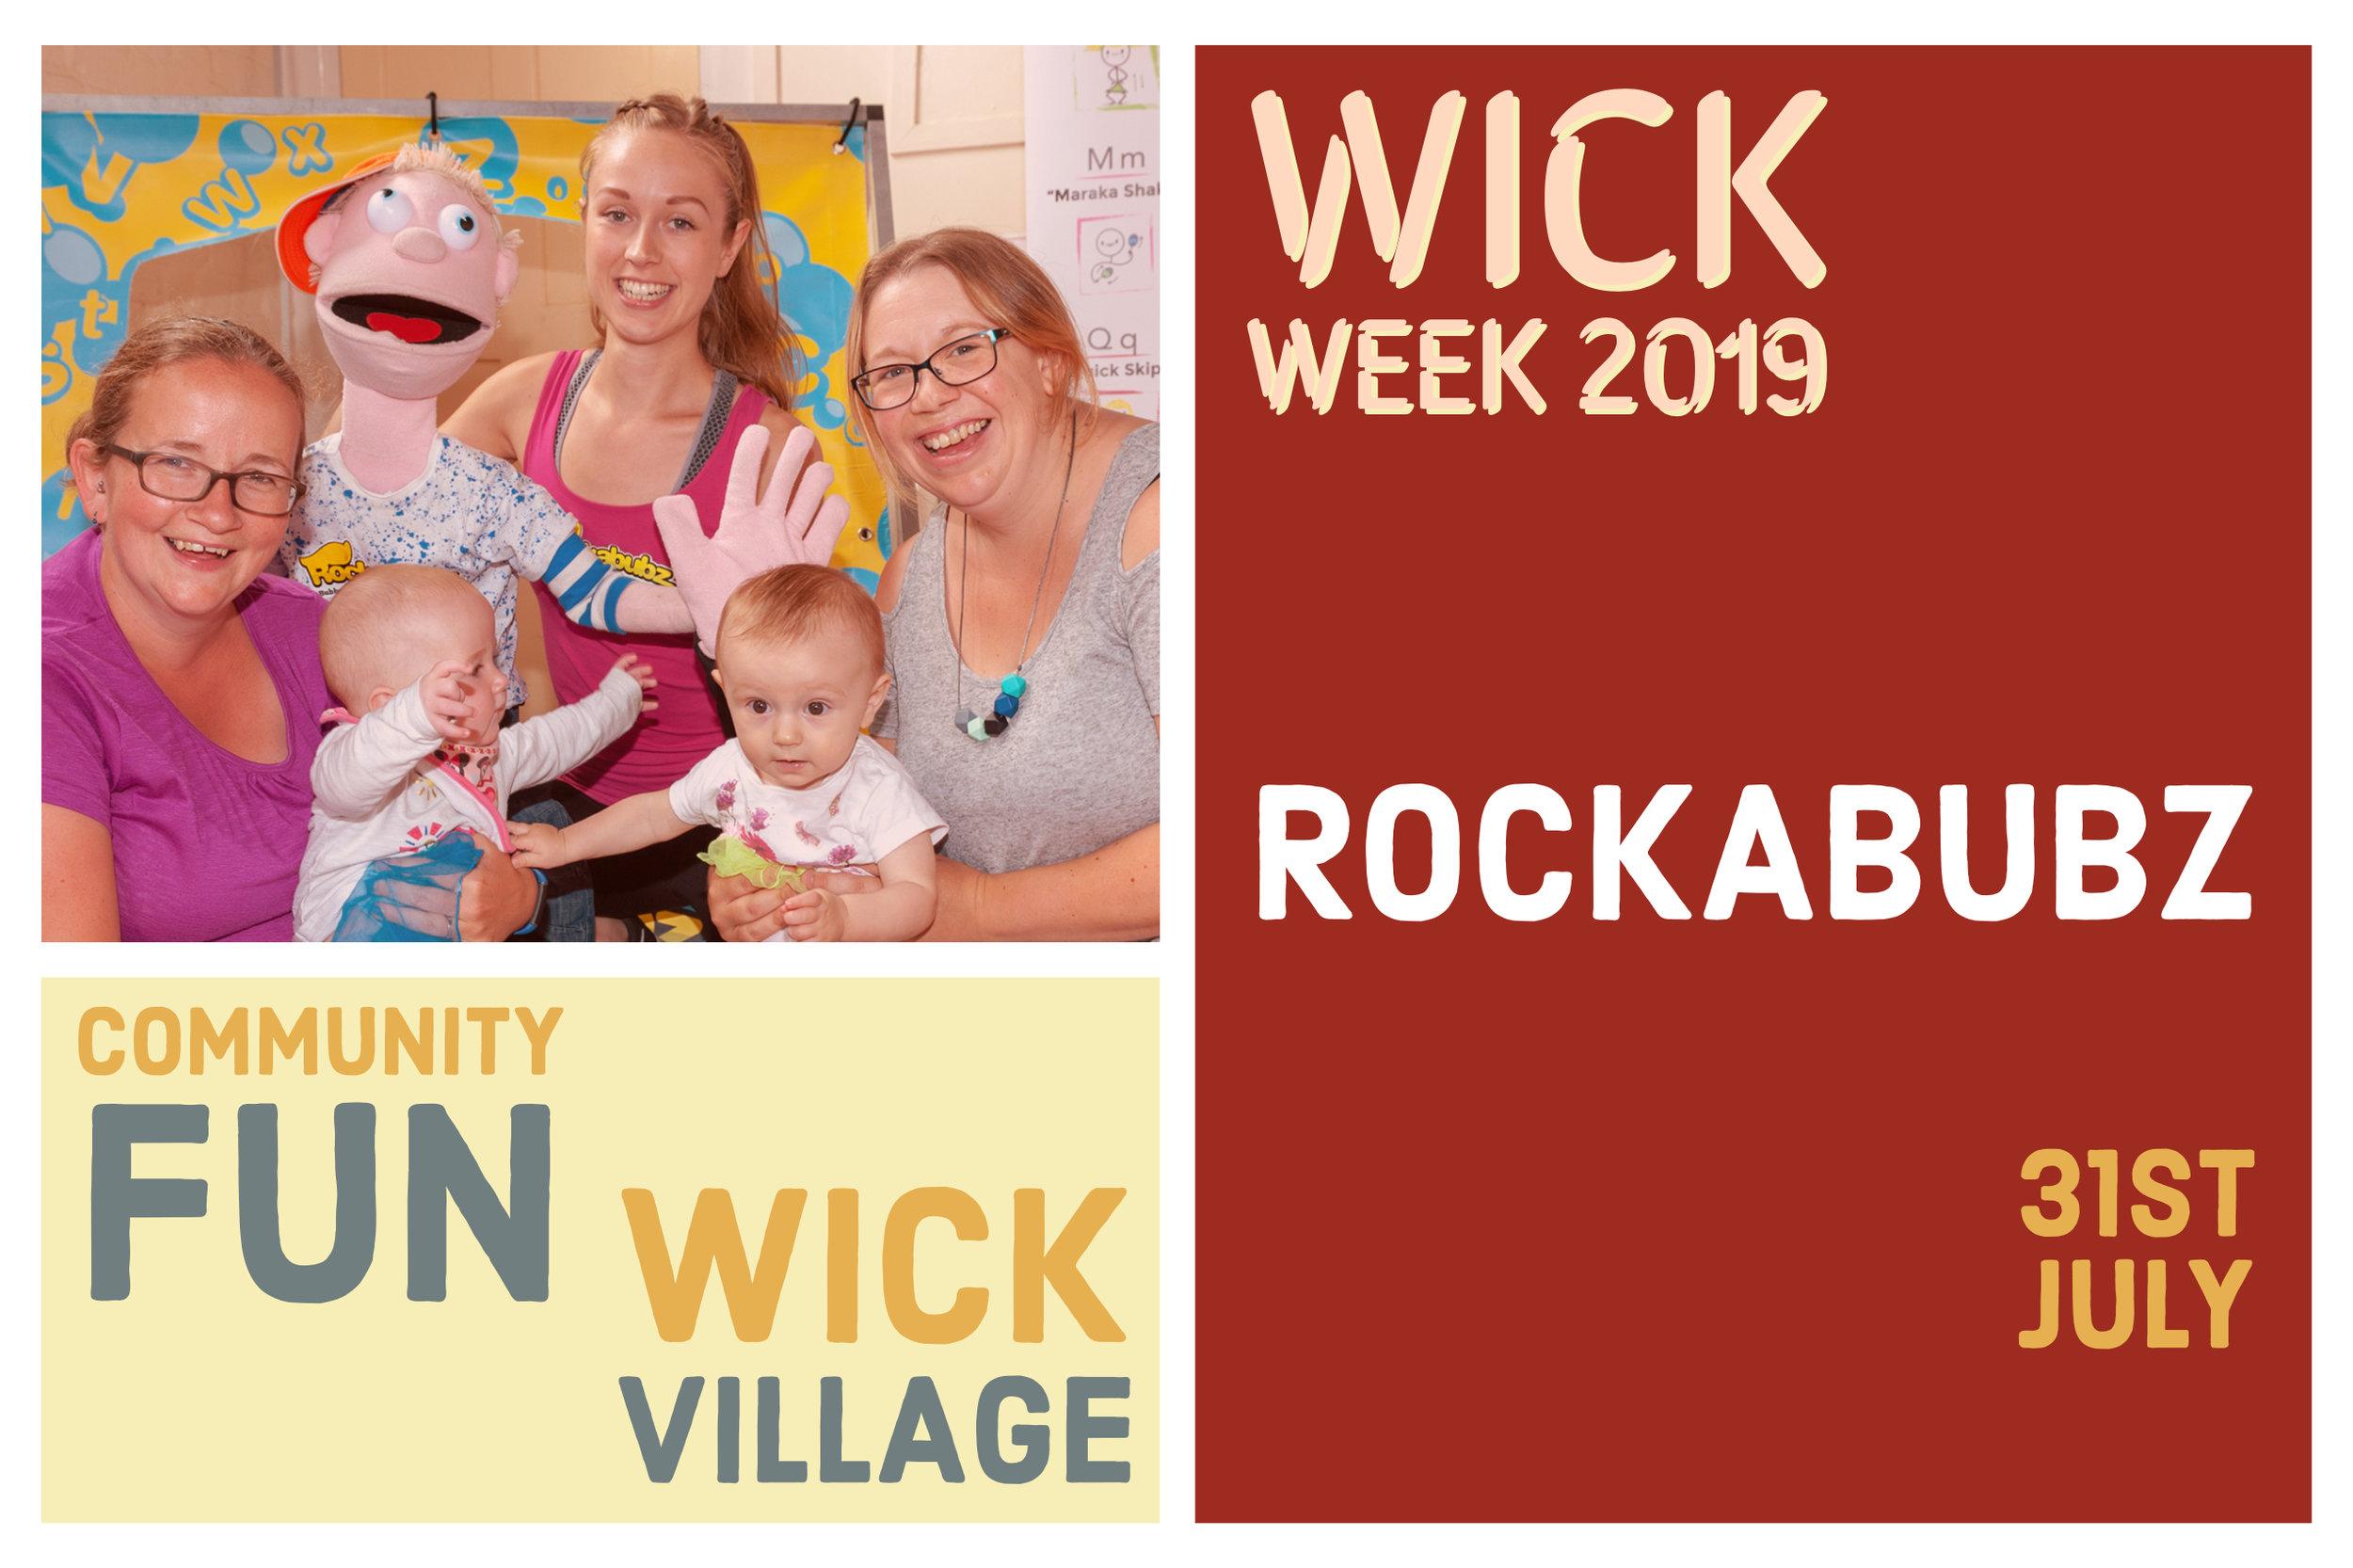 Wick Week 2019 - Rockabubz.